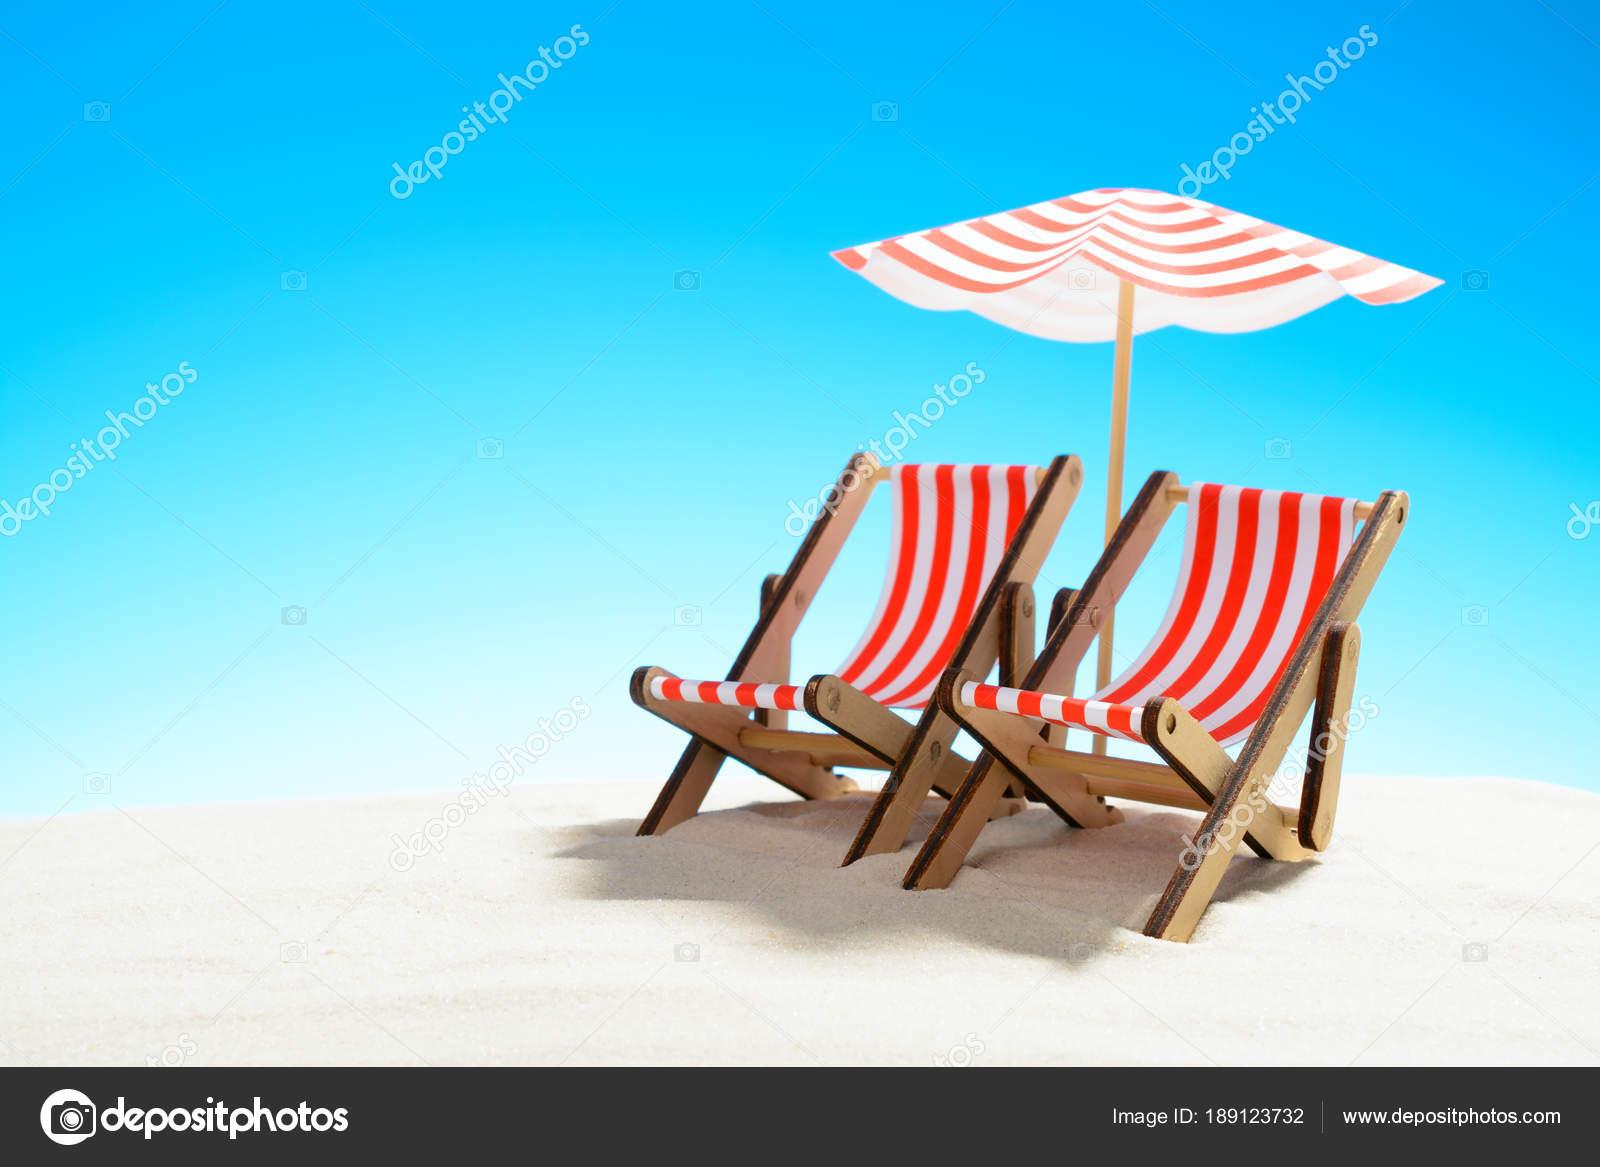 Ombrellone Due Sotto Un Spiaggia Di Sabbia Chaise Sulla Longue LVGpqSzjUM